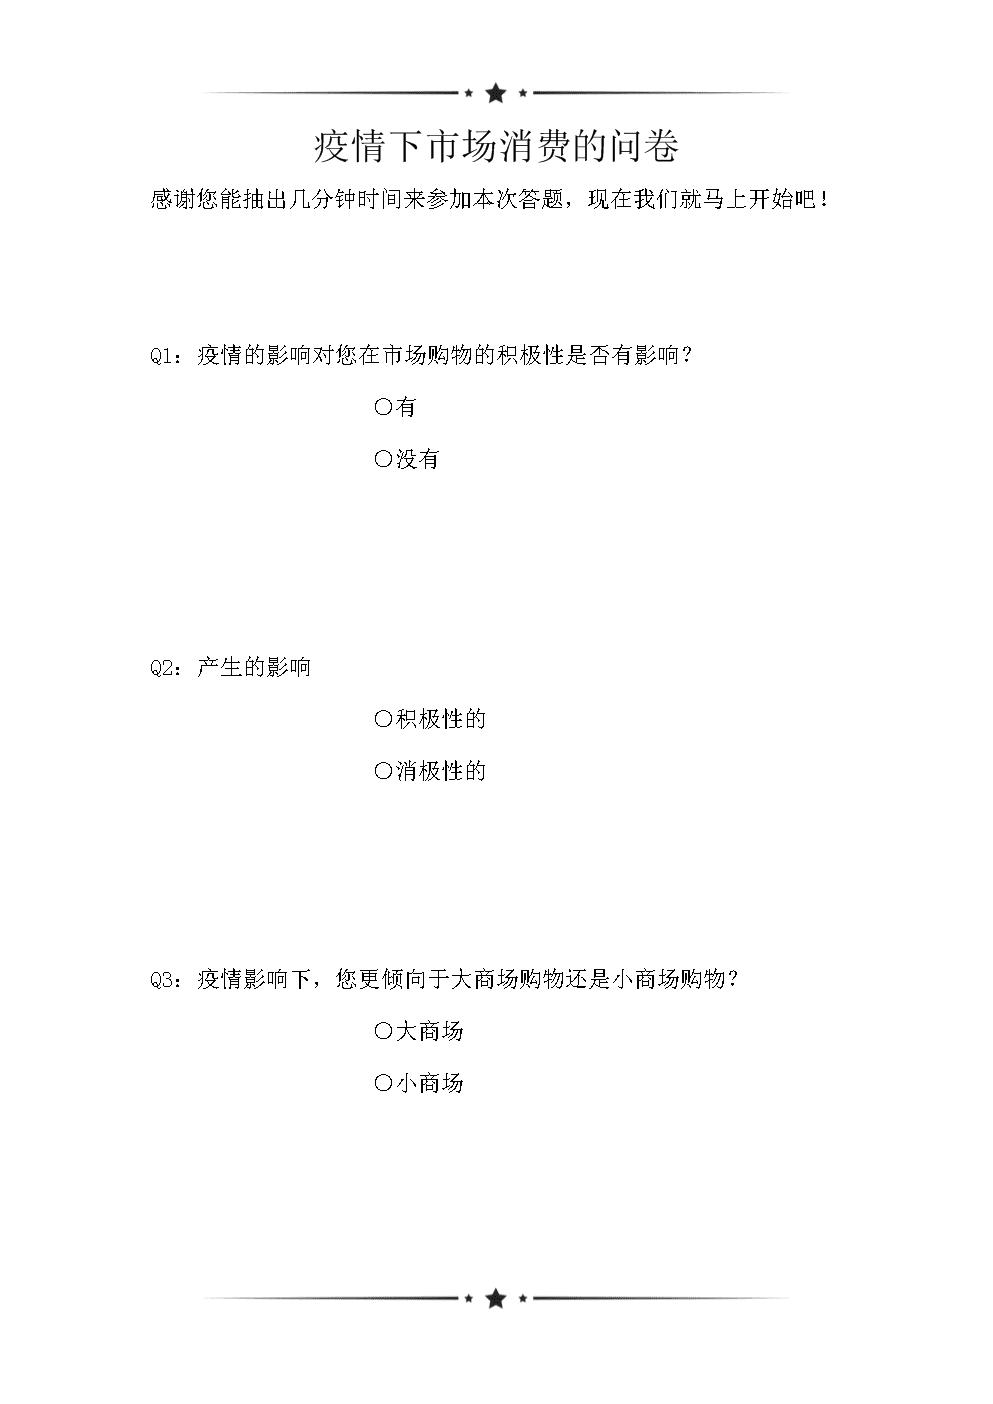 疫情下市场消费的问卷(可编辑).doc